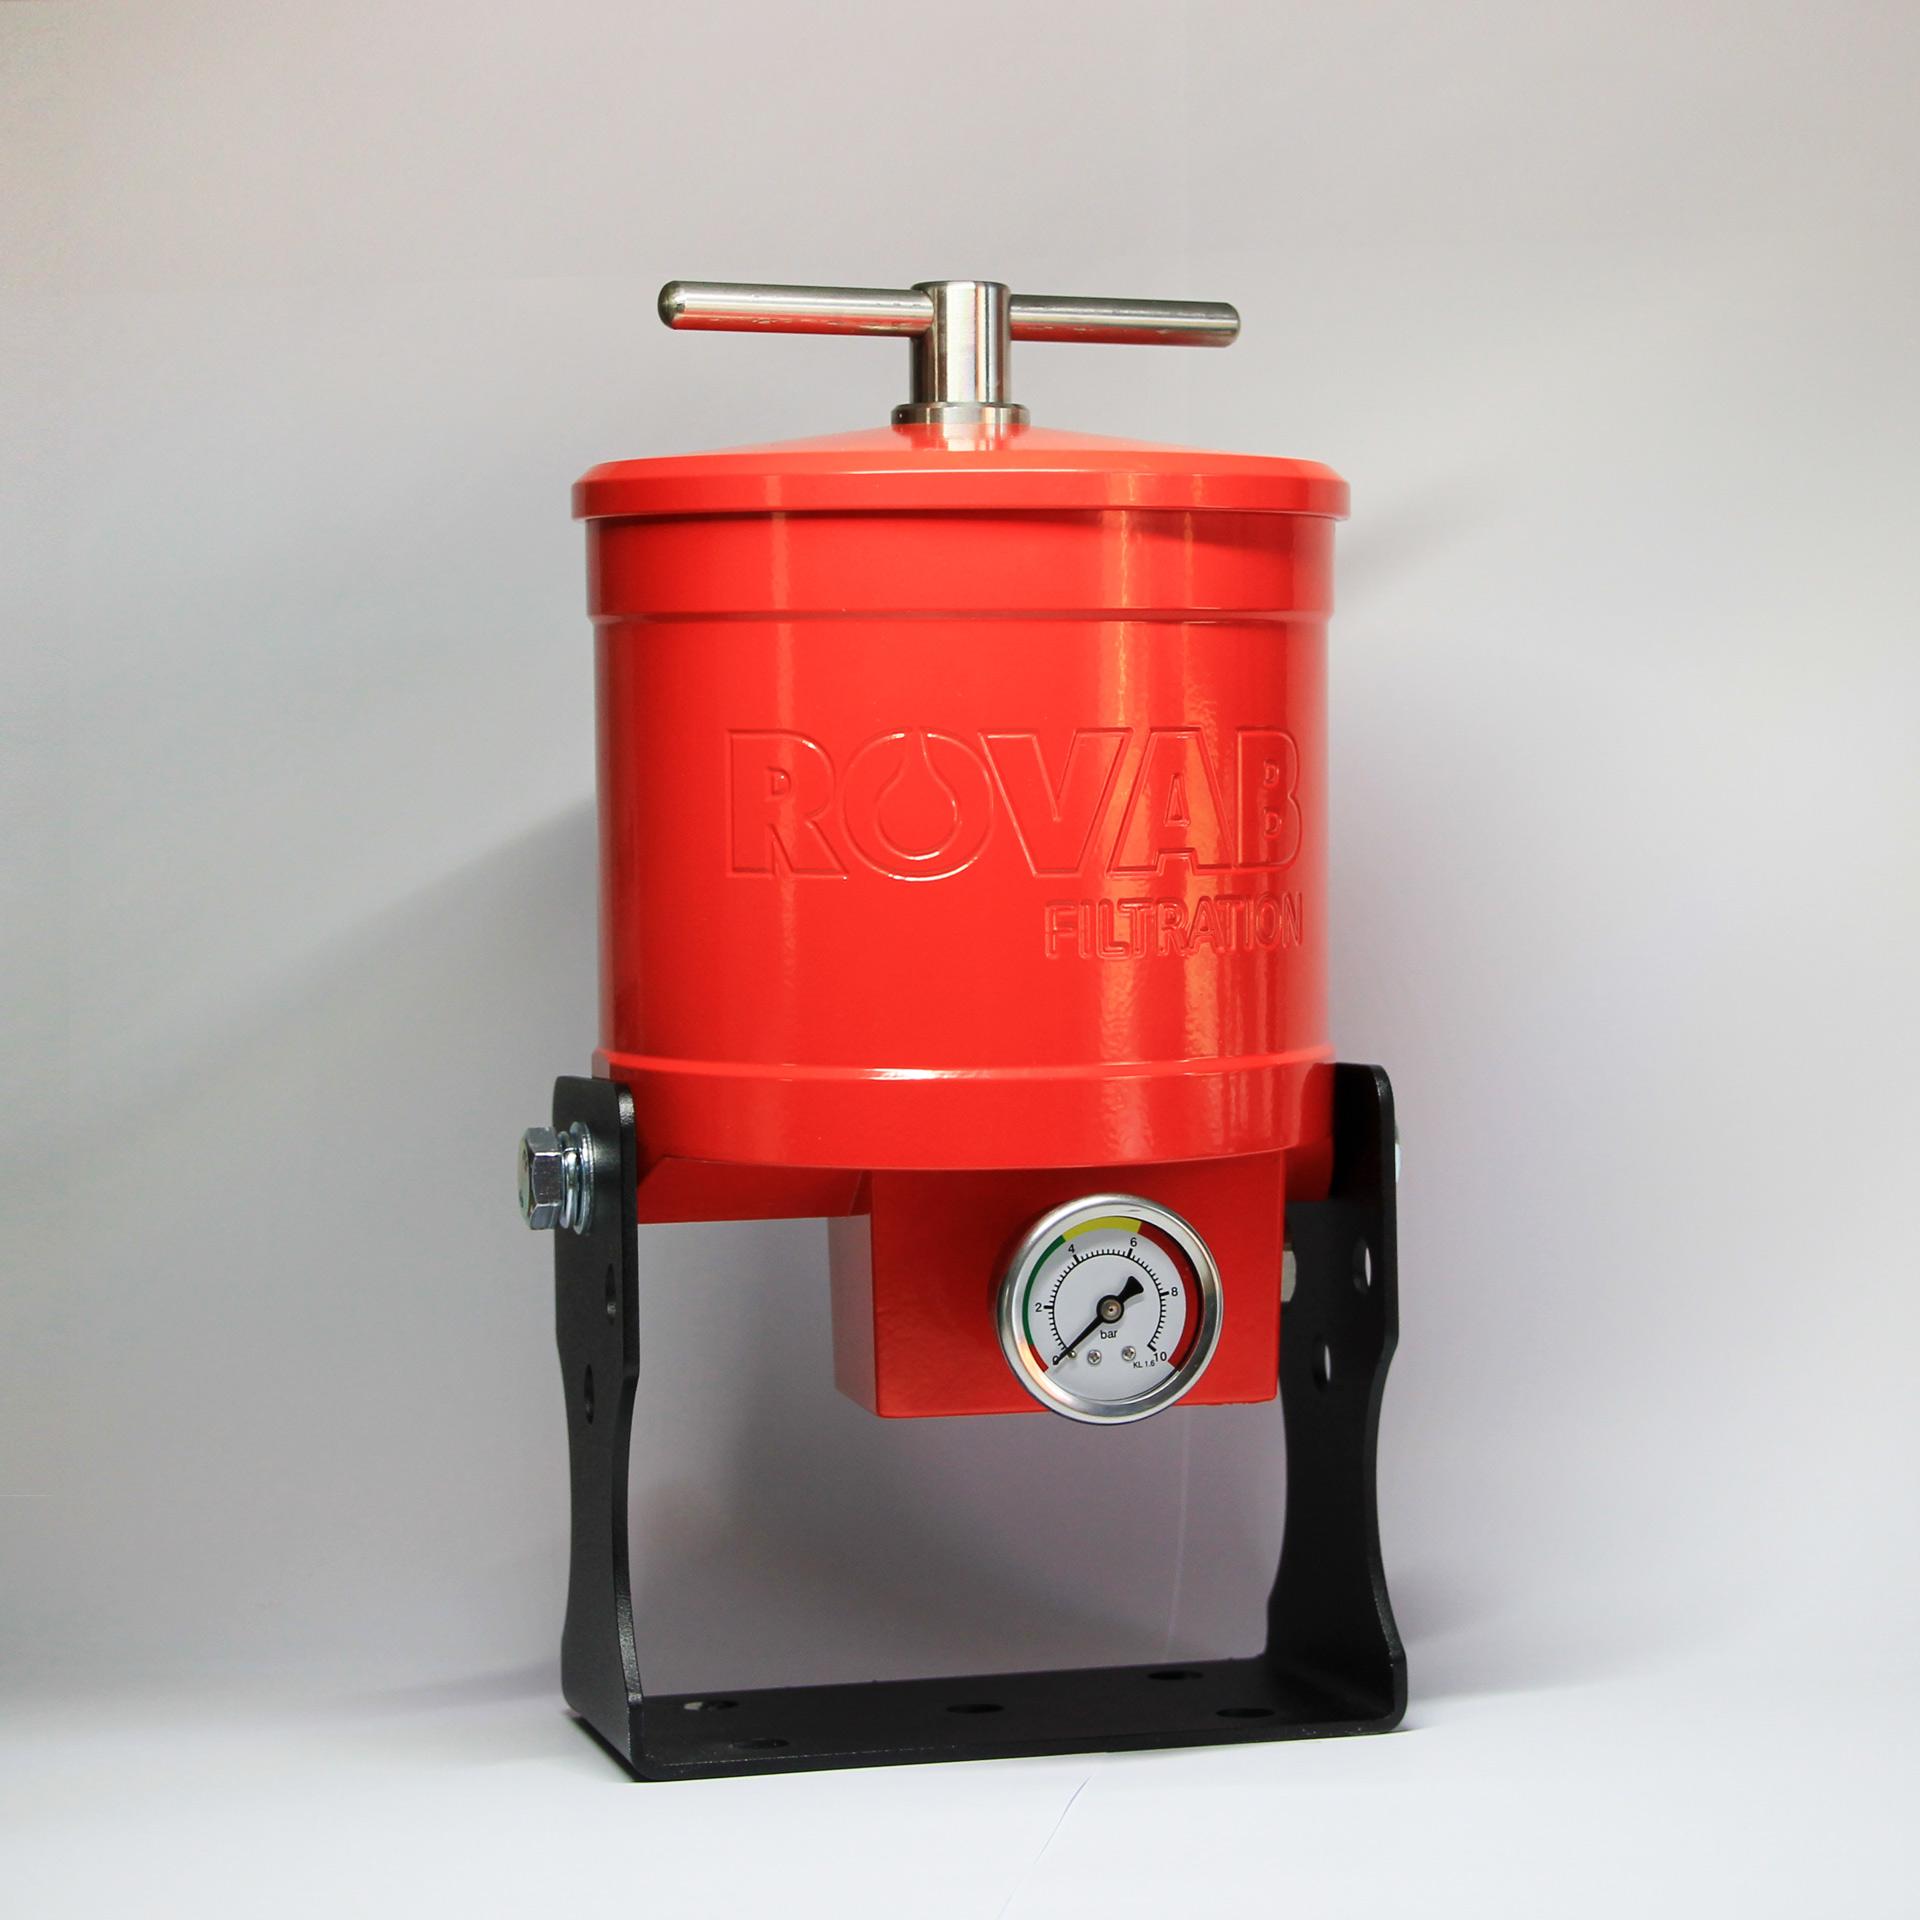 Produktbild på Rovab Filtration H-serien